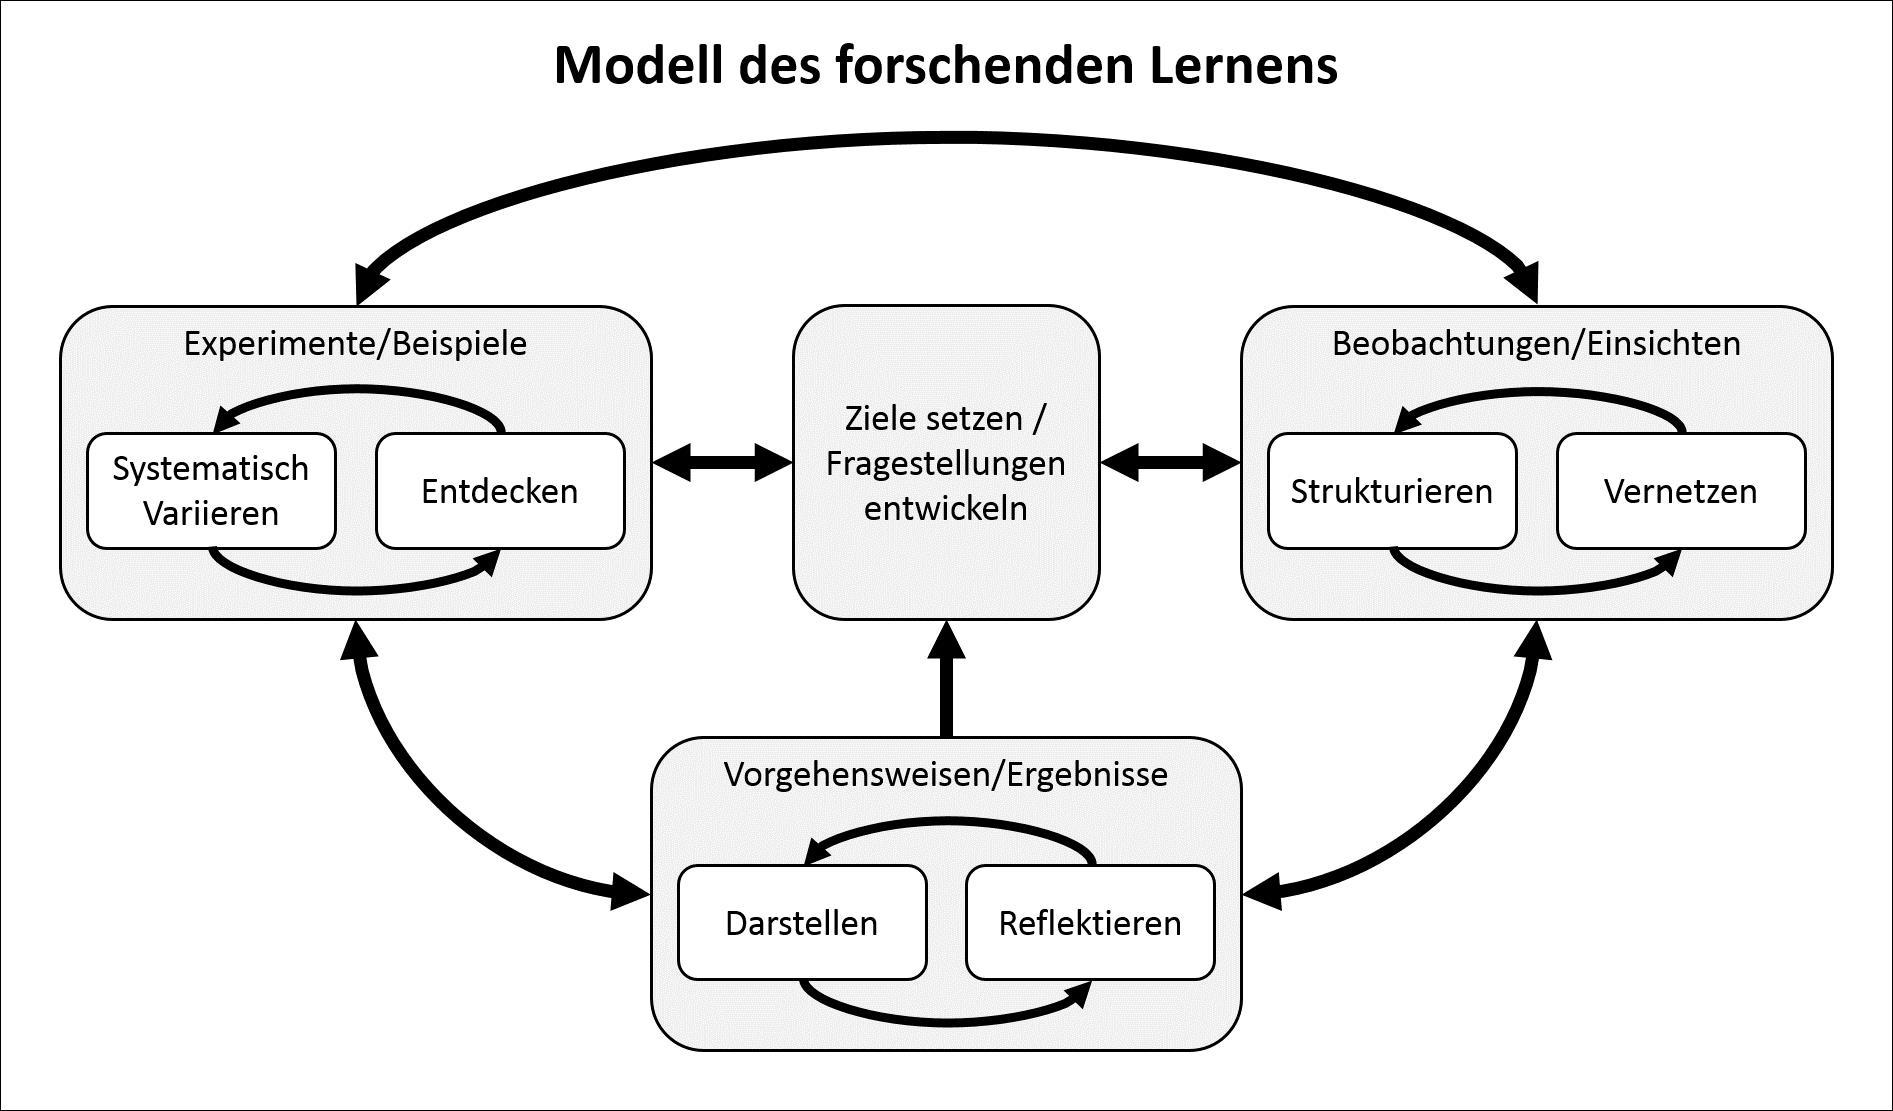 Modell des Forschenden Lernens